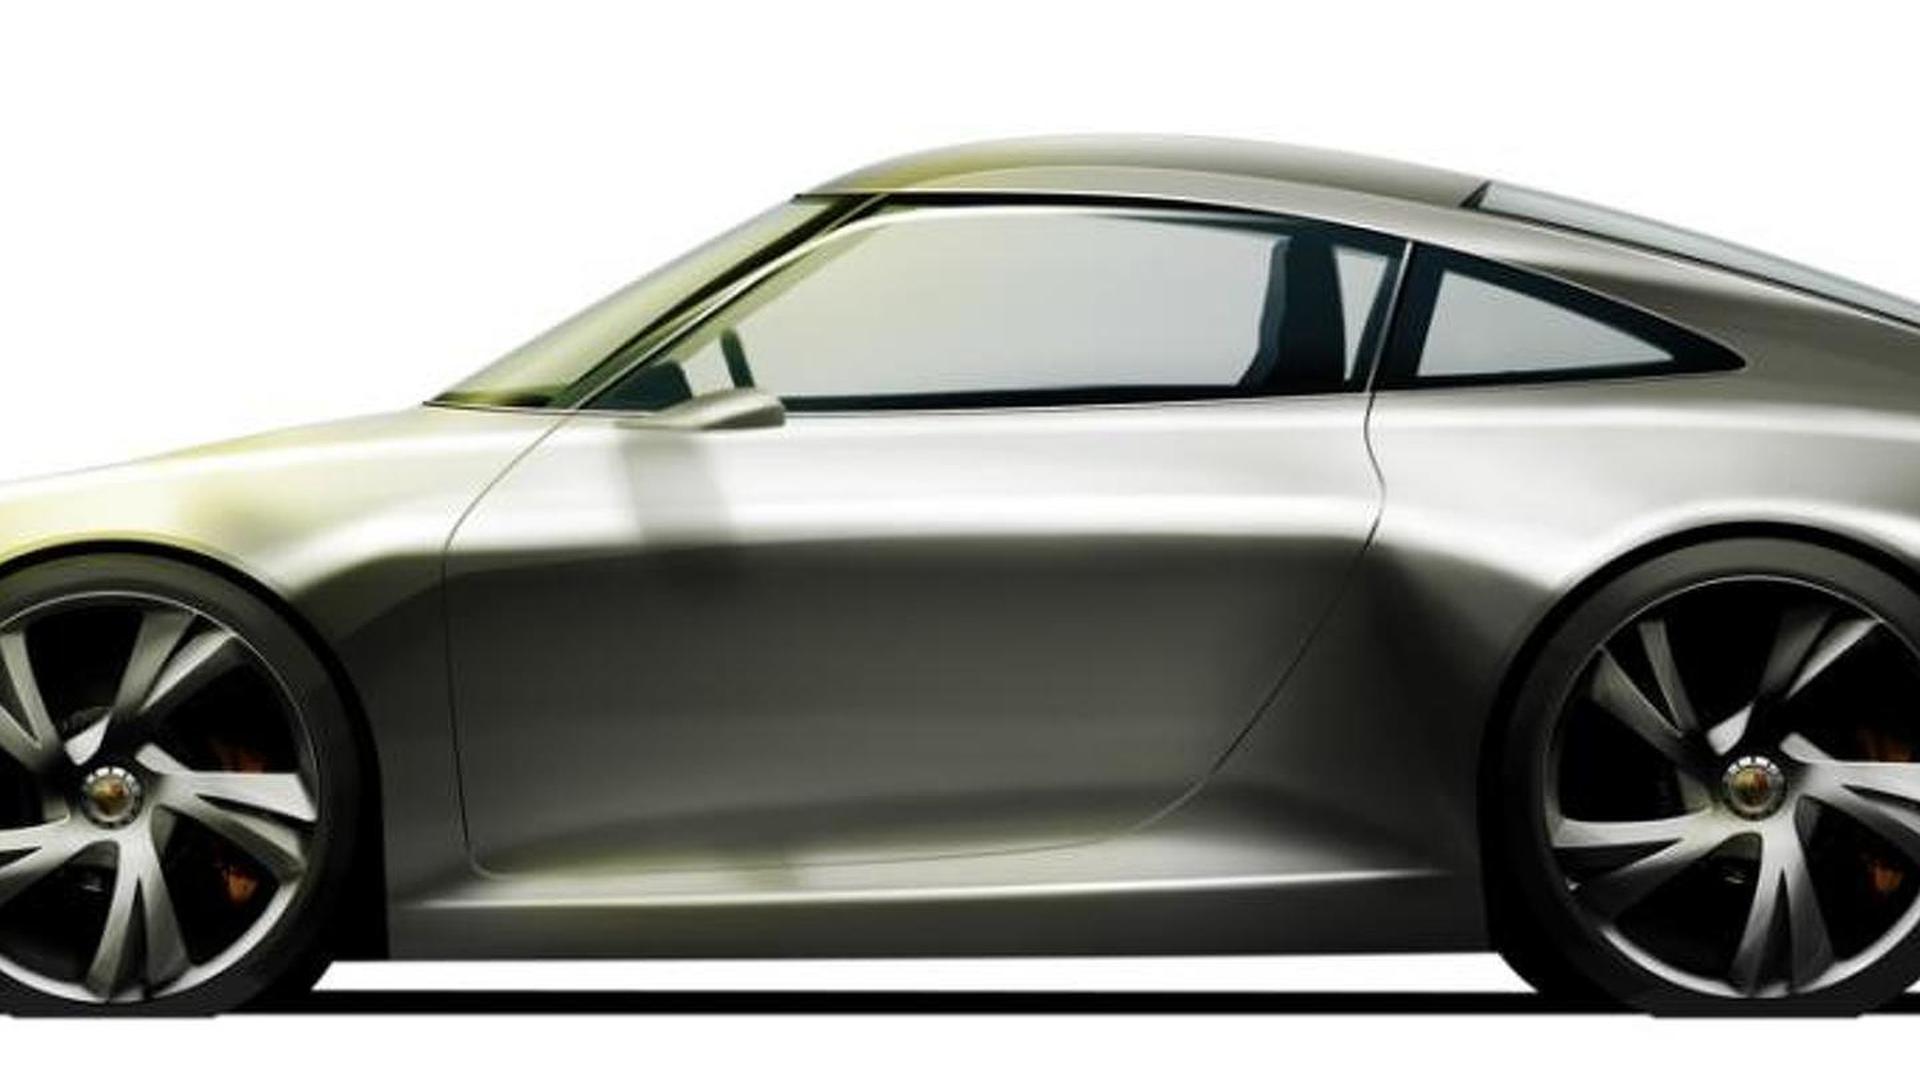 Future Porsche 911 Design Project By Adrian Rivinius 1000 17 08 2017